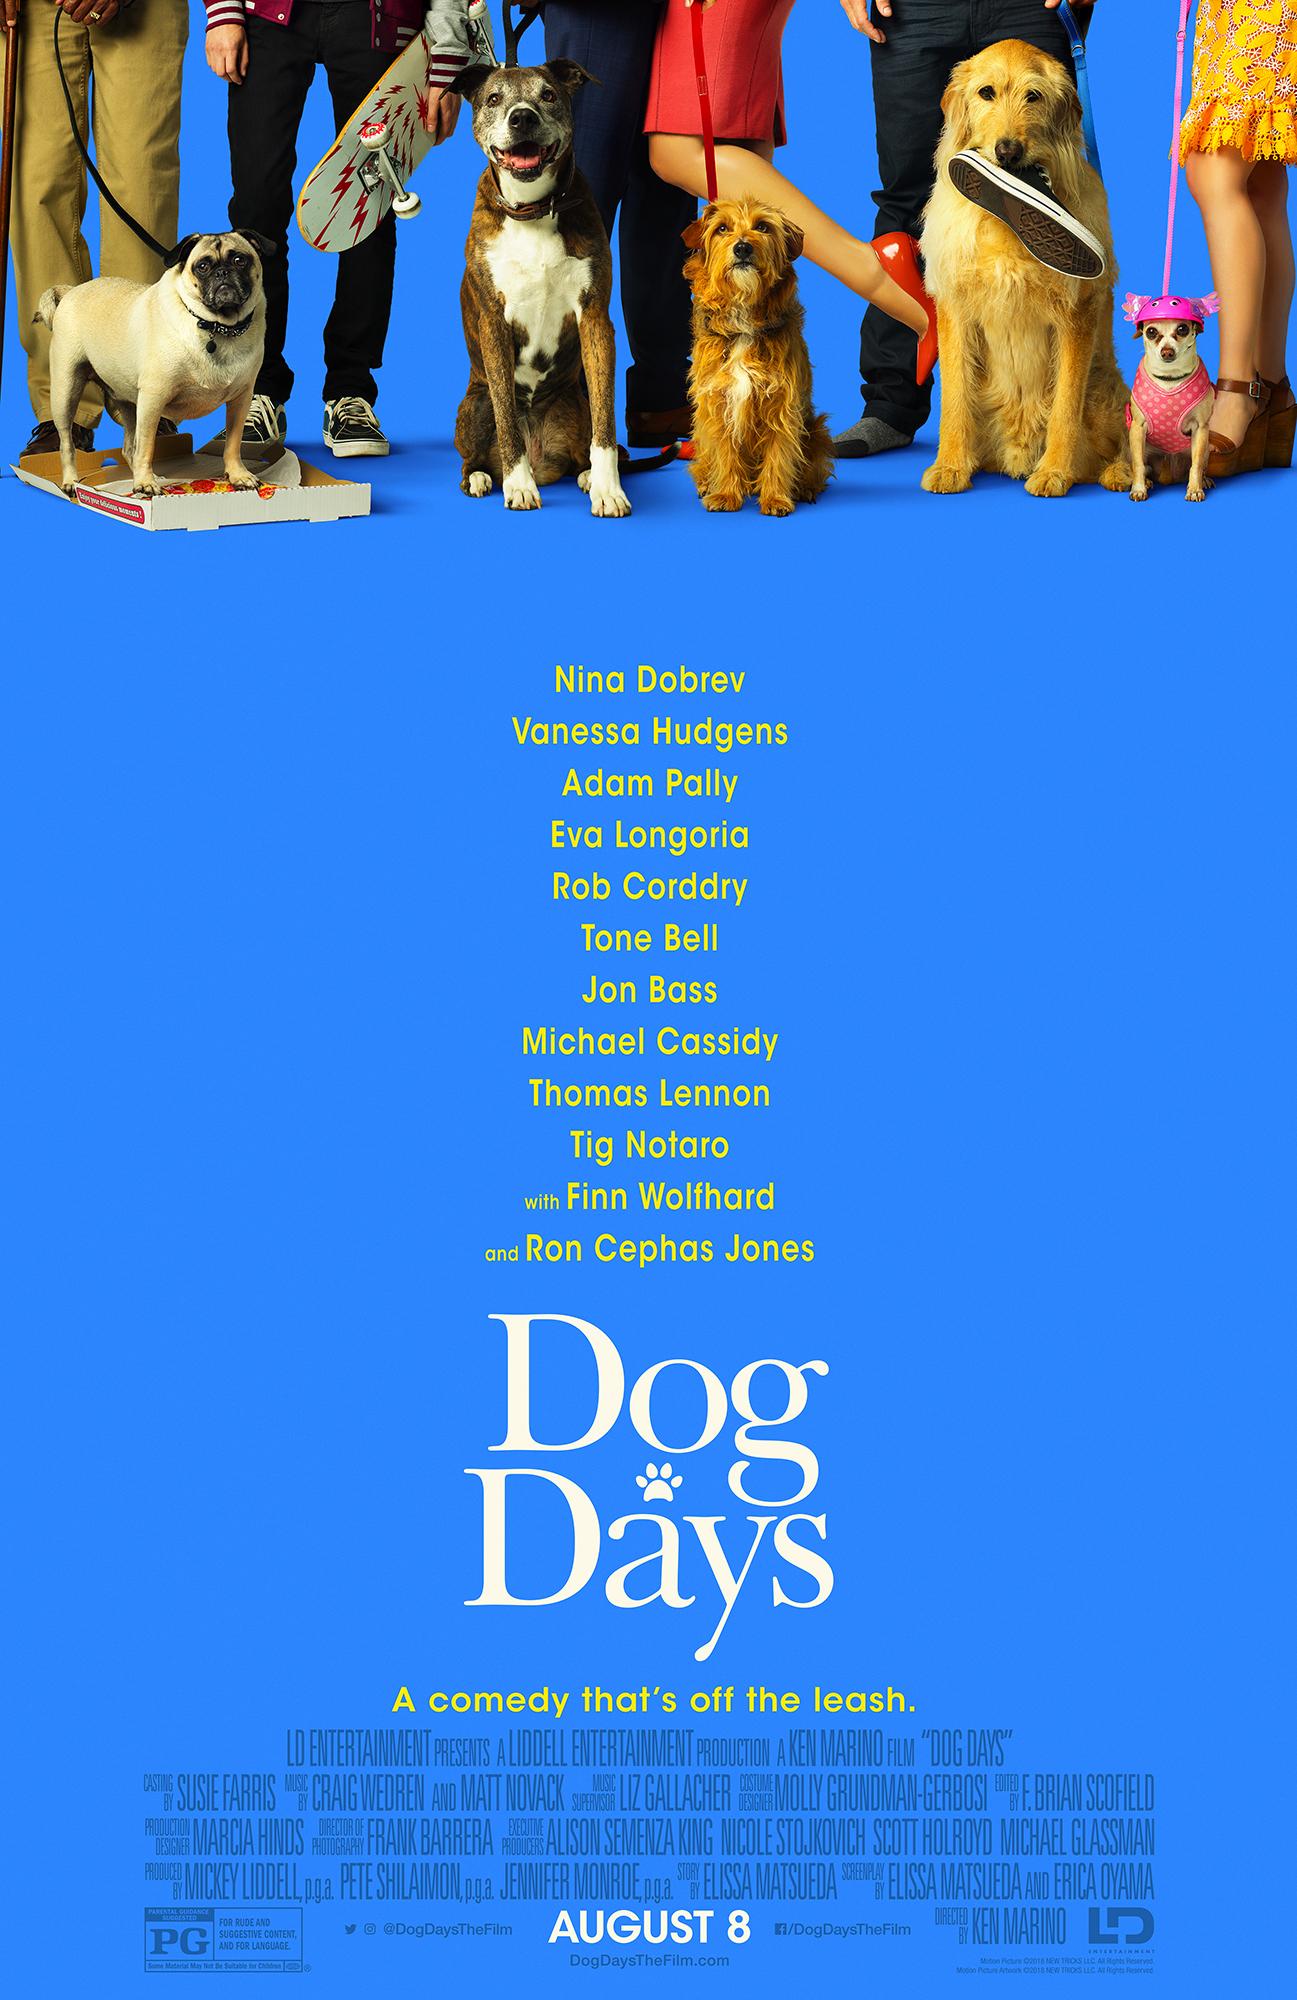 DogDays_1Sht_Payoff_VF_100dpi.jpg